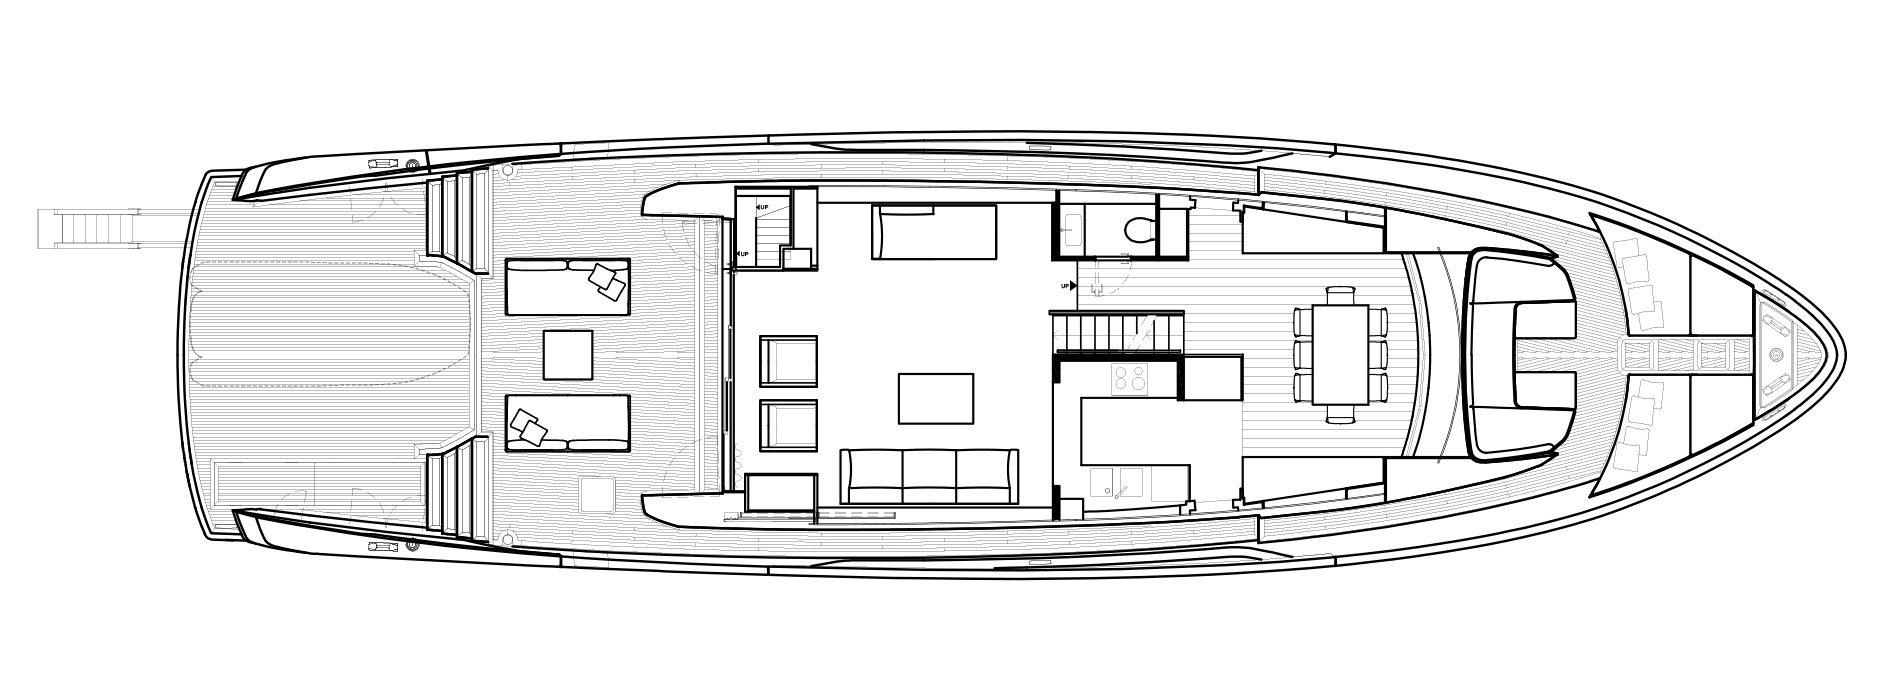 Sanlorenzo Yachts SX88 Hauptdeck Versione B open Galley